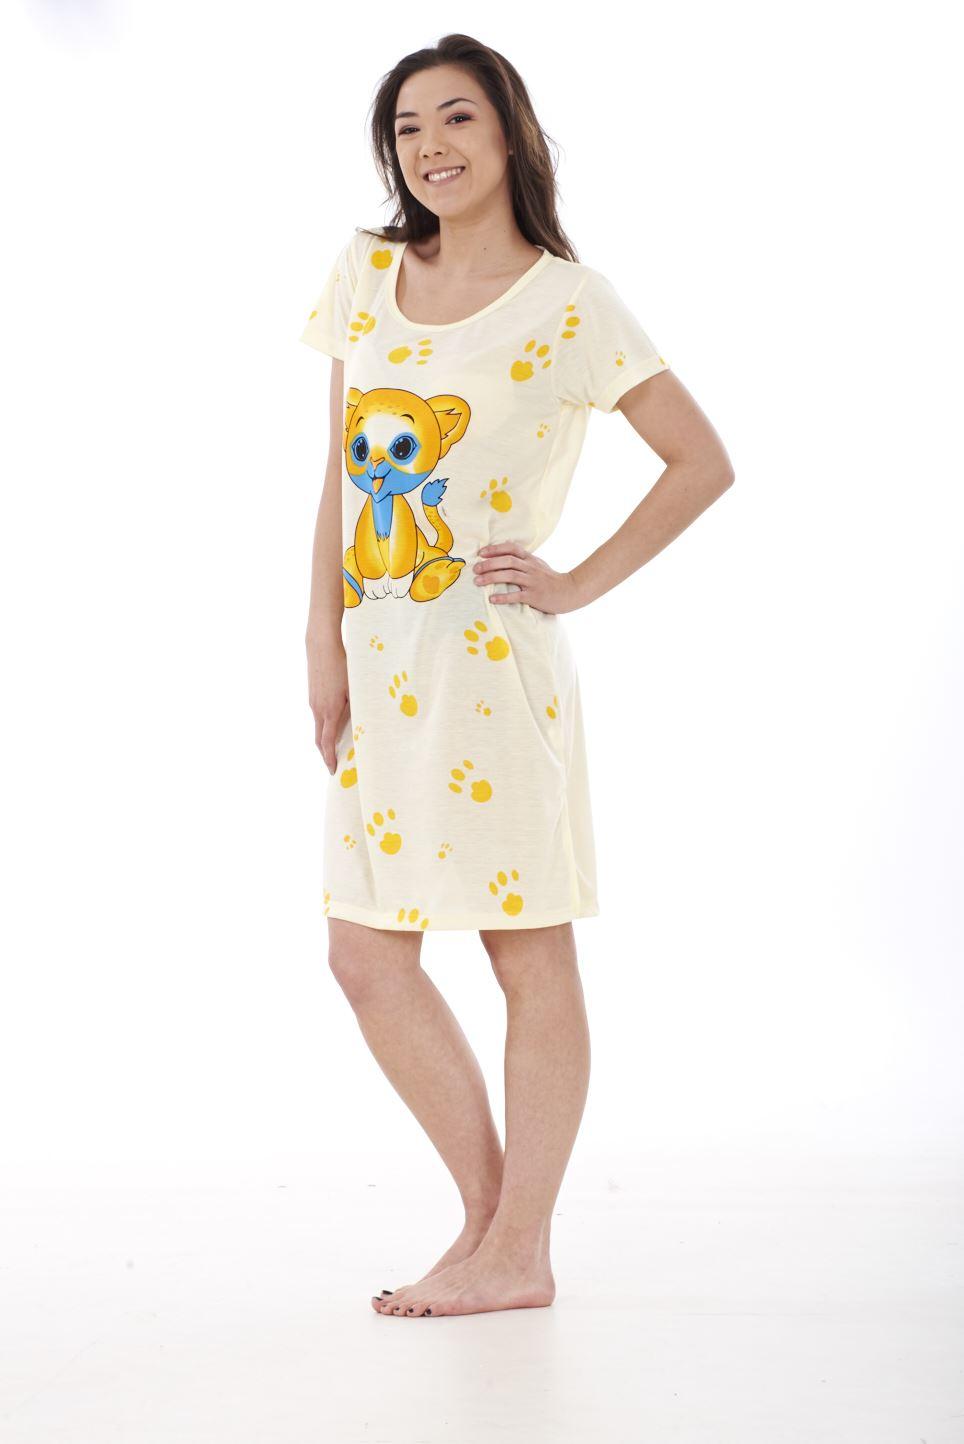 Ladies Girls New Nightwear Tiger Cub Printed Crew Neck Short Sleeve NightieS M L